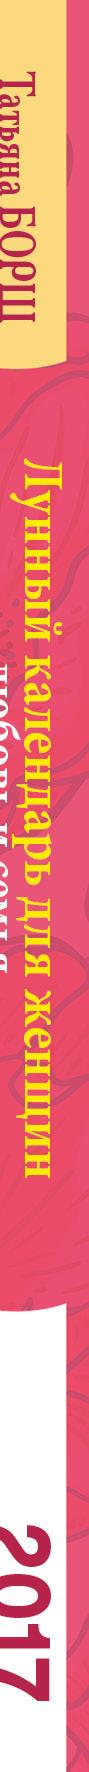 Лунный календарь для женщин на 2017 год. Любовь и семья + календарь стрижек